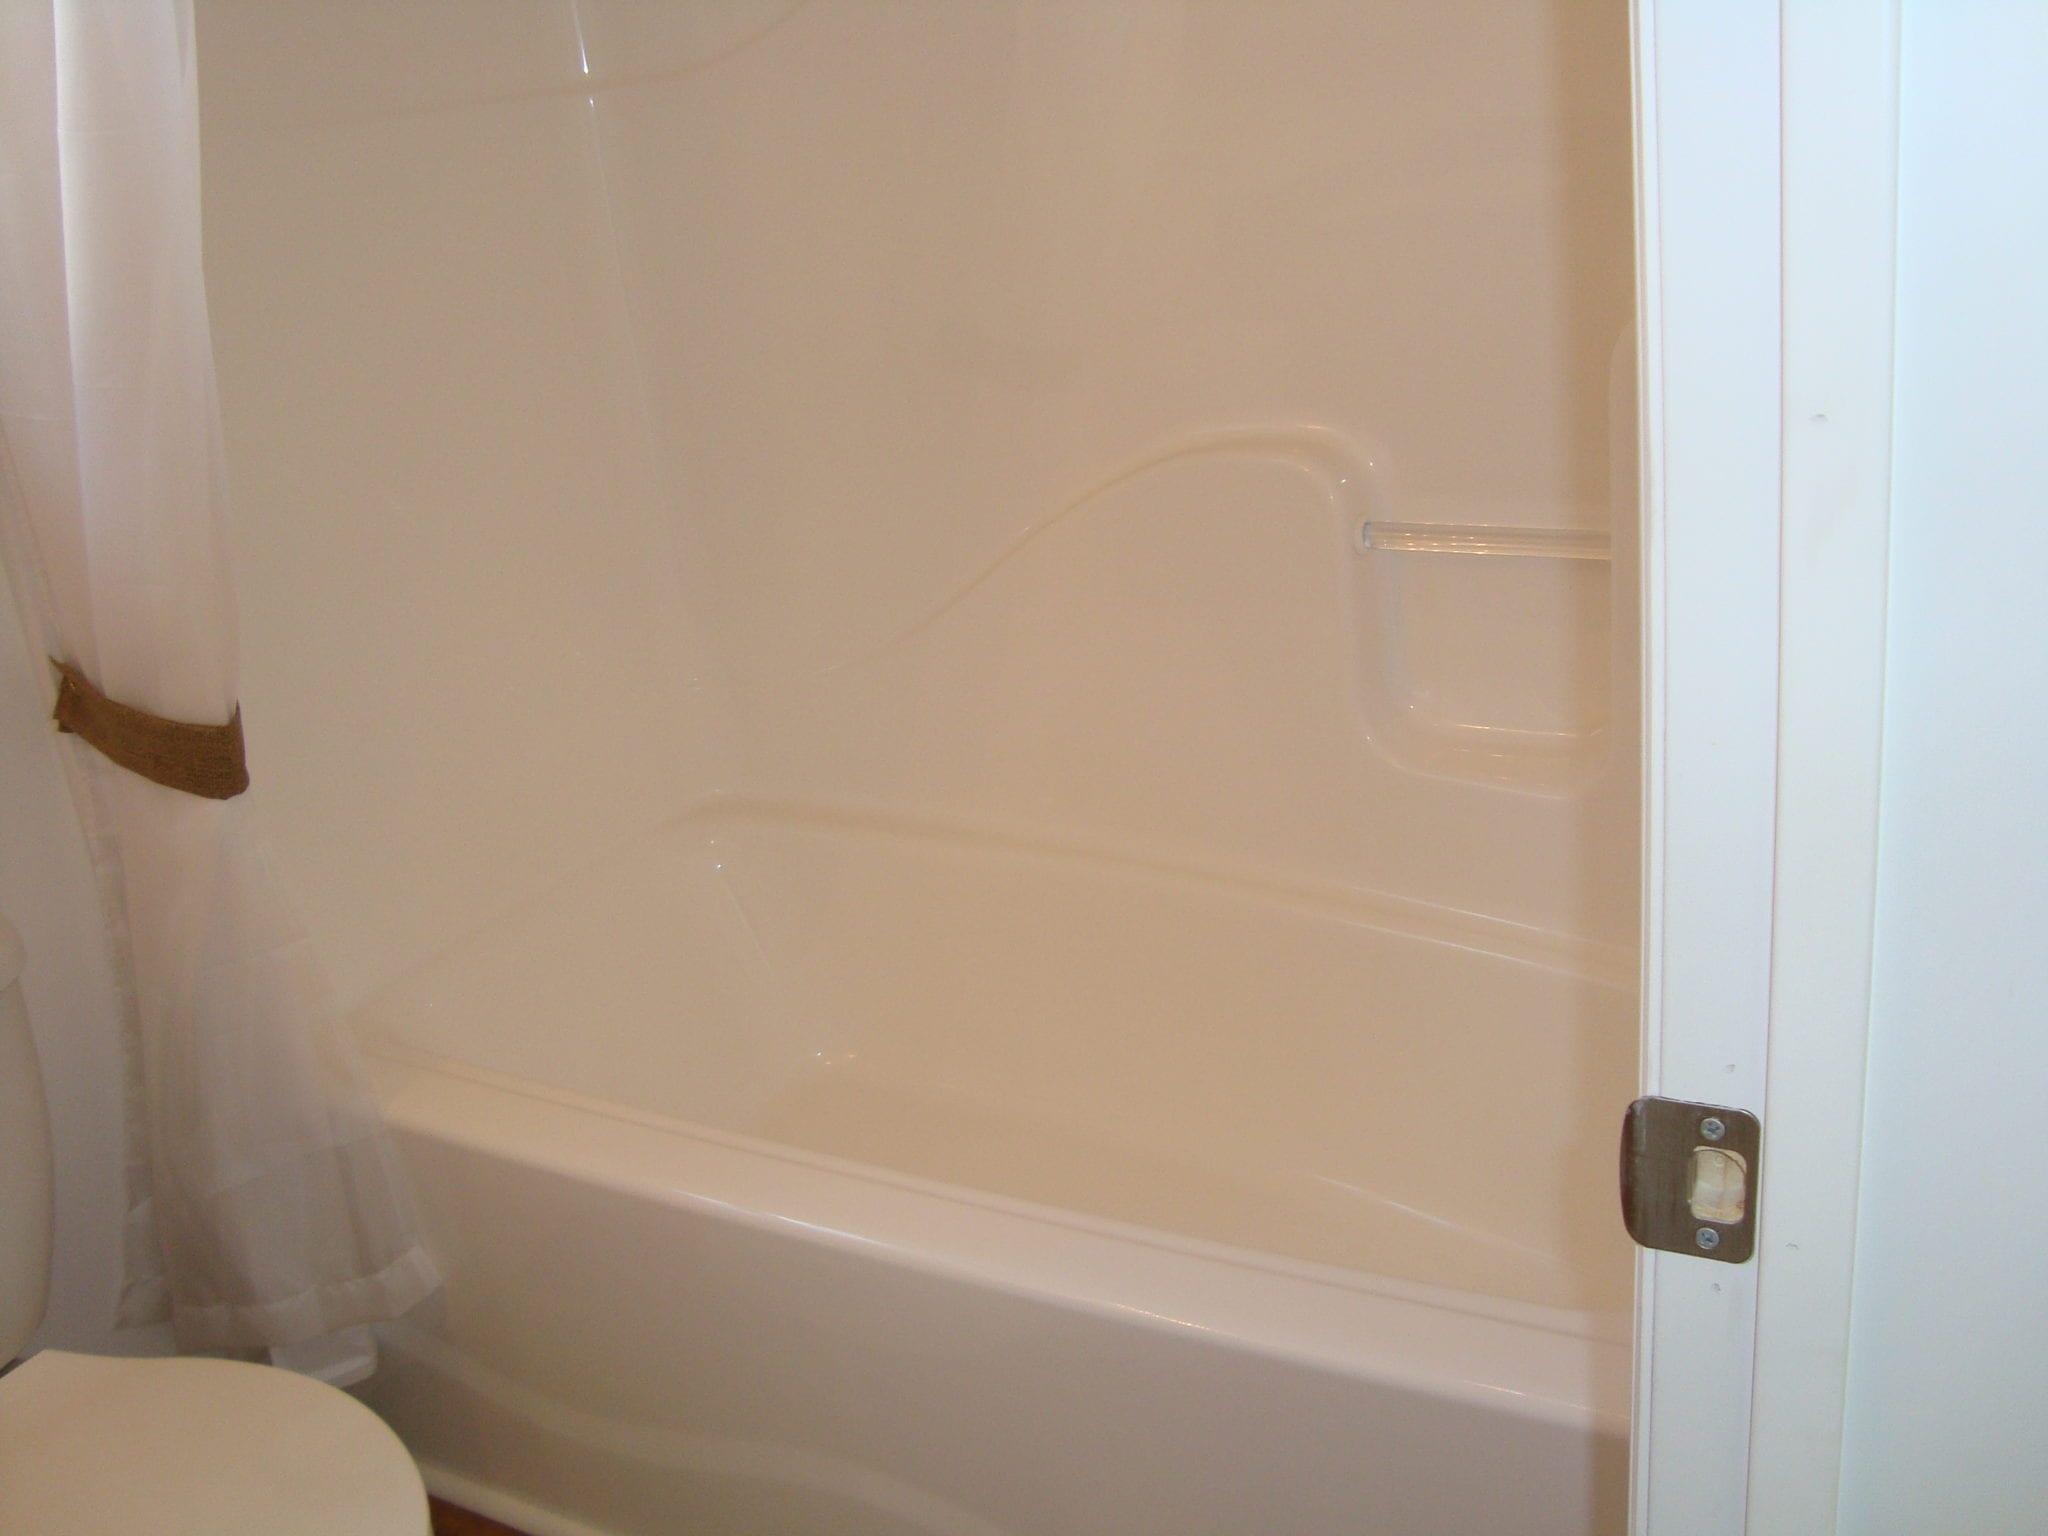 how to cut fiberglass shower